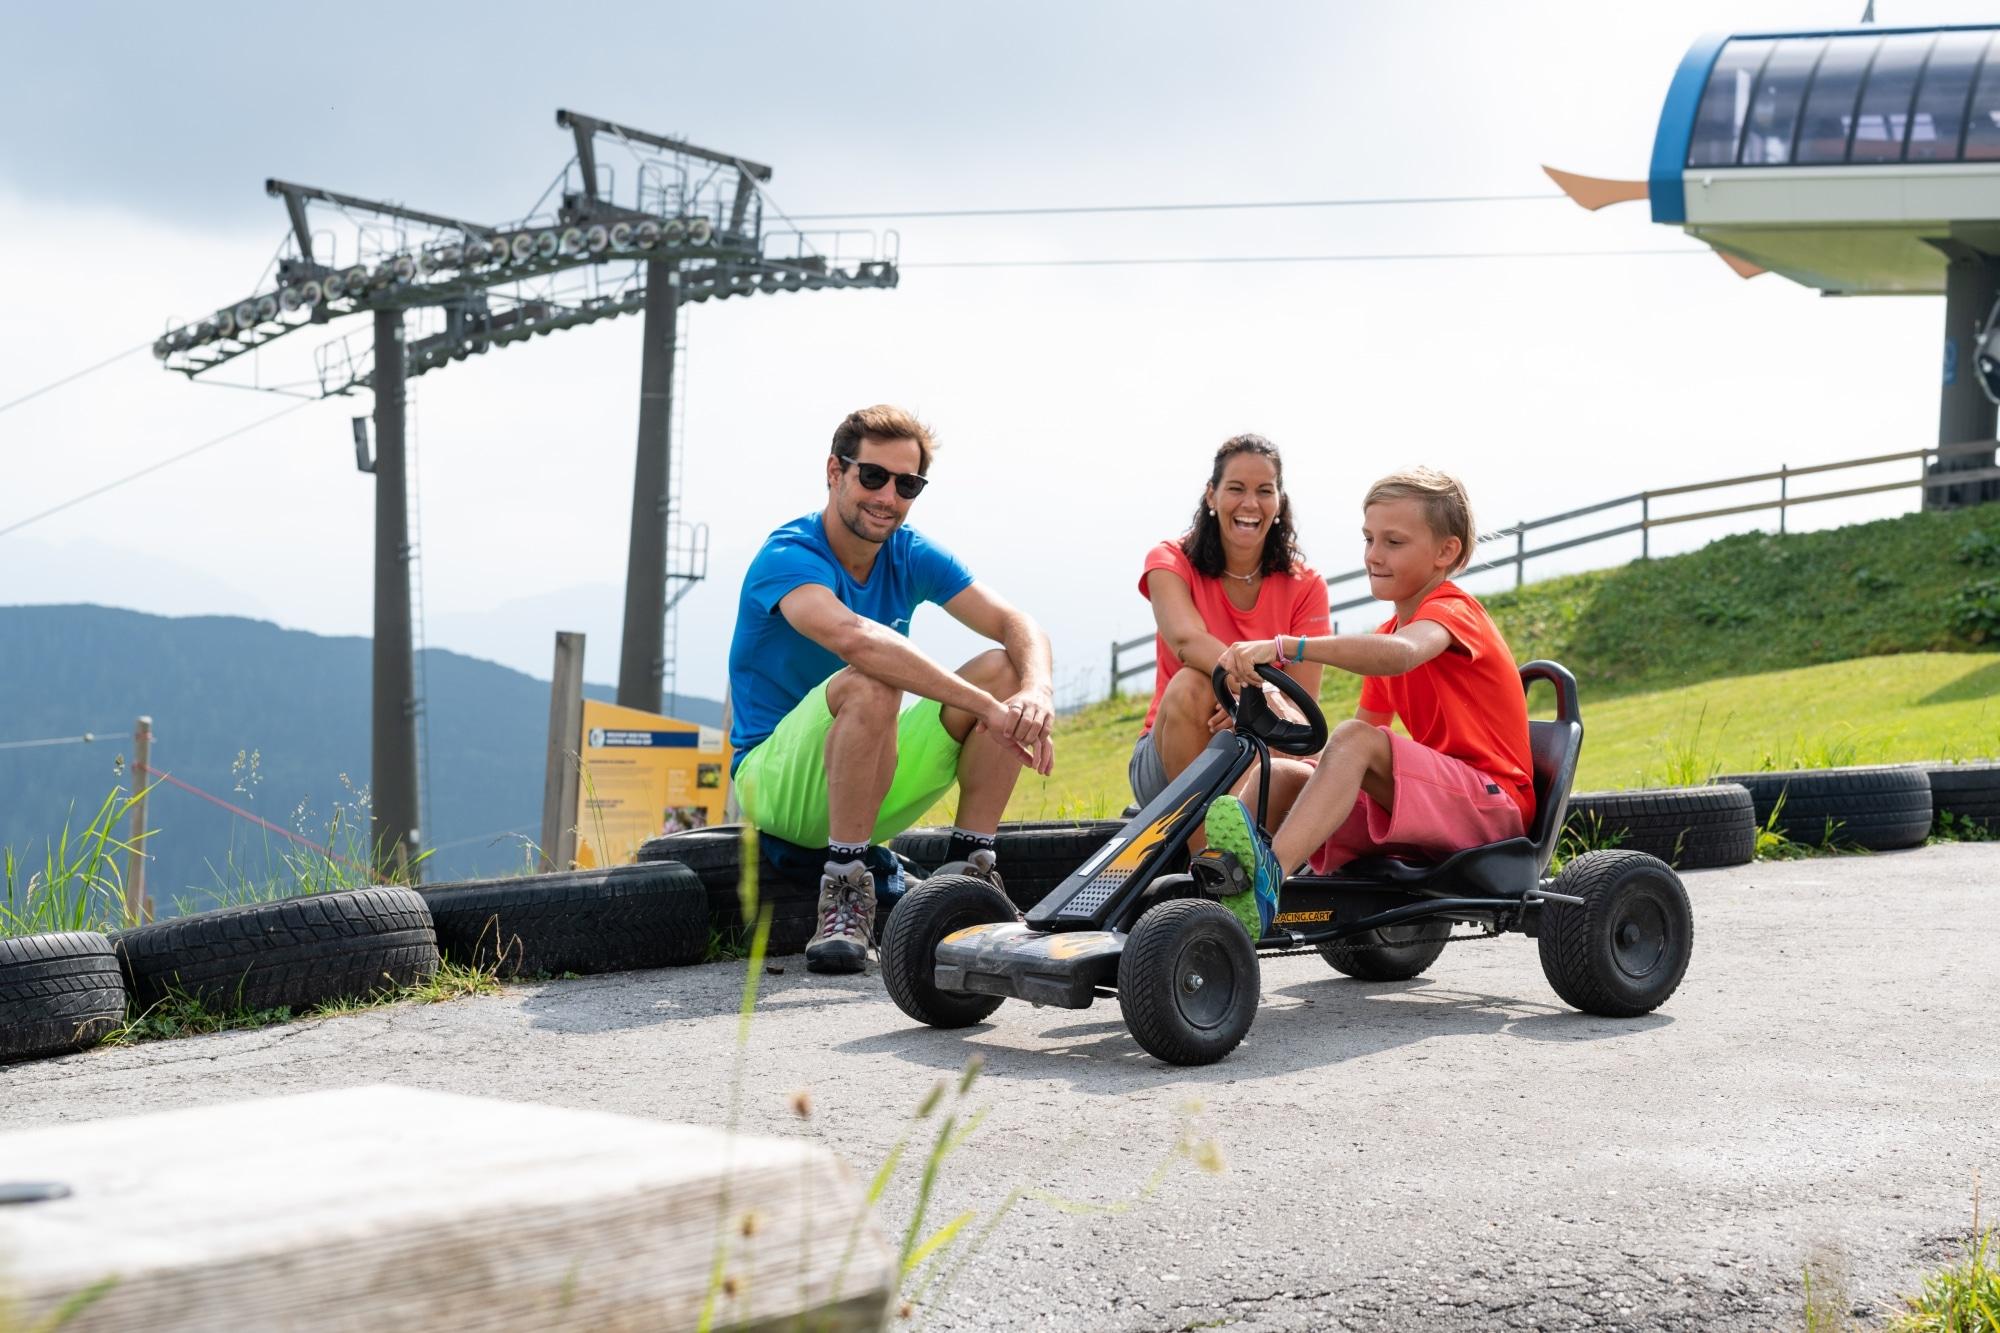 Bub bei Gokartfahren in Zauchensee